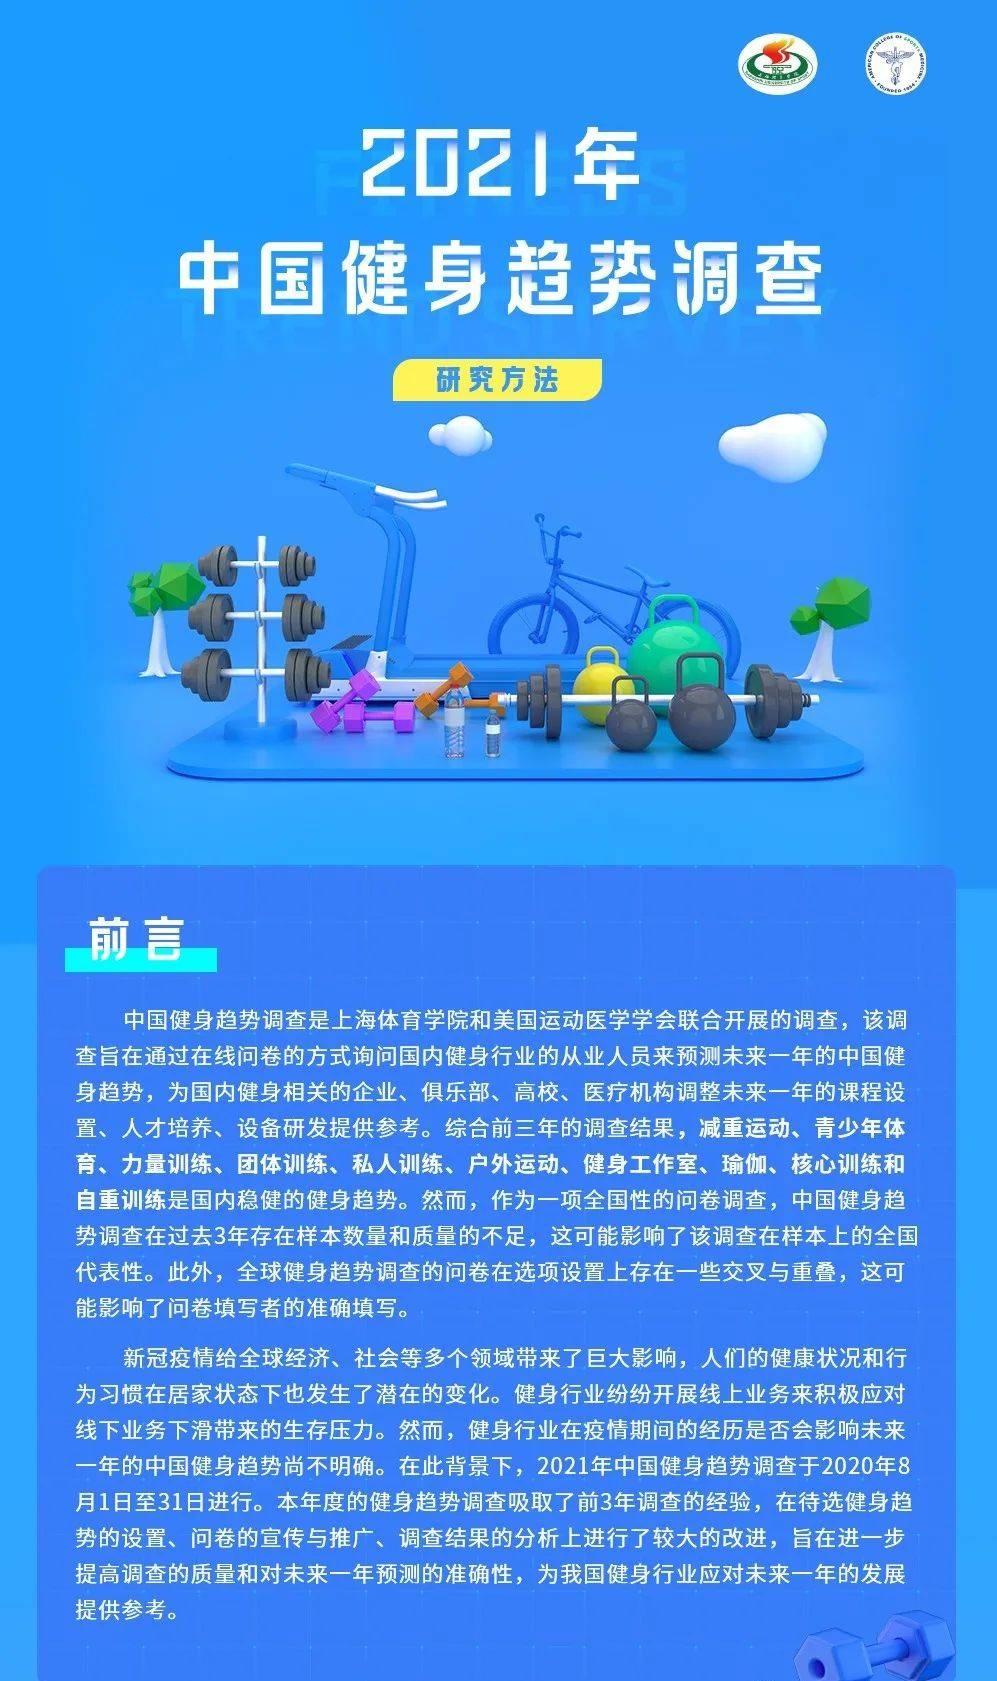 2021中国健身趋势调查